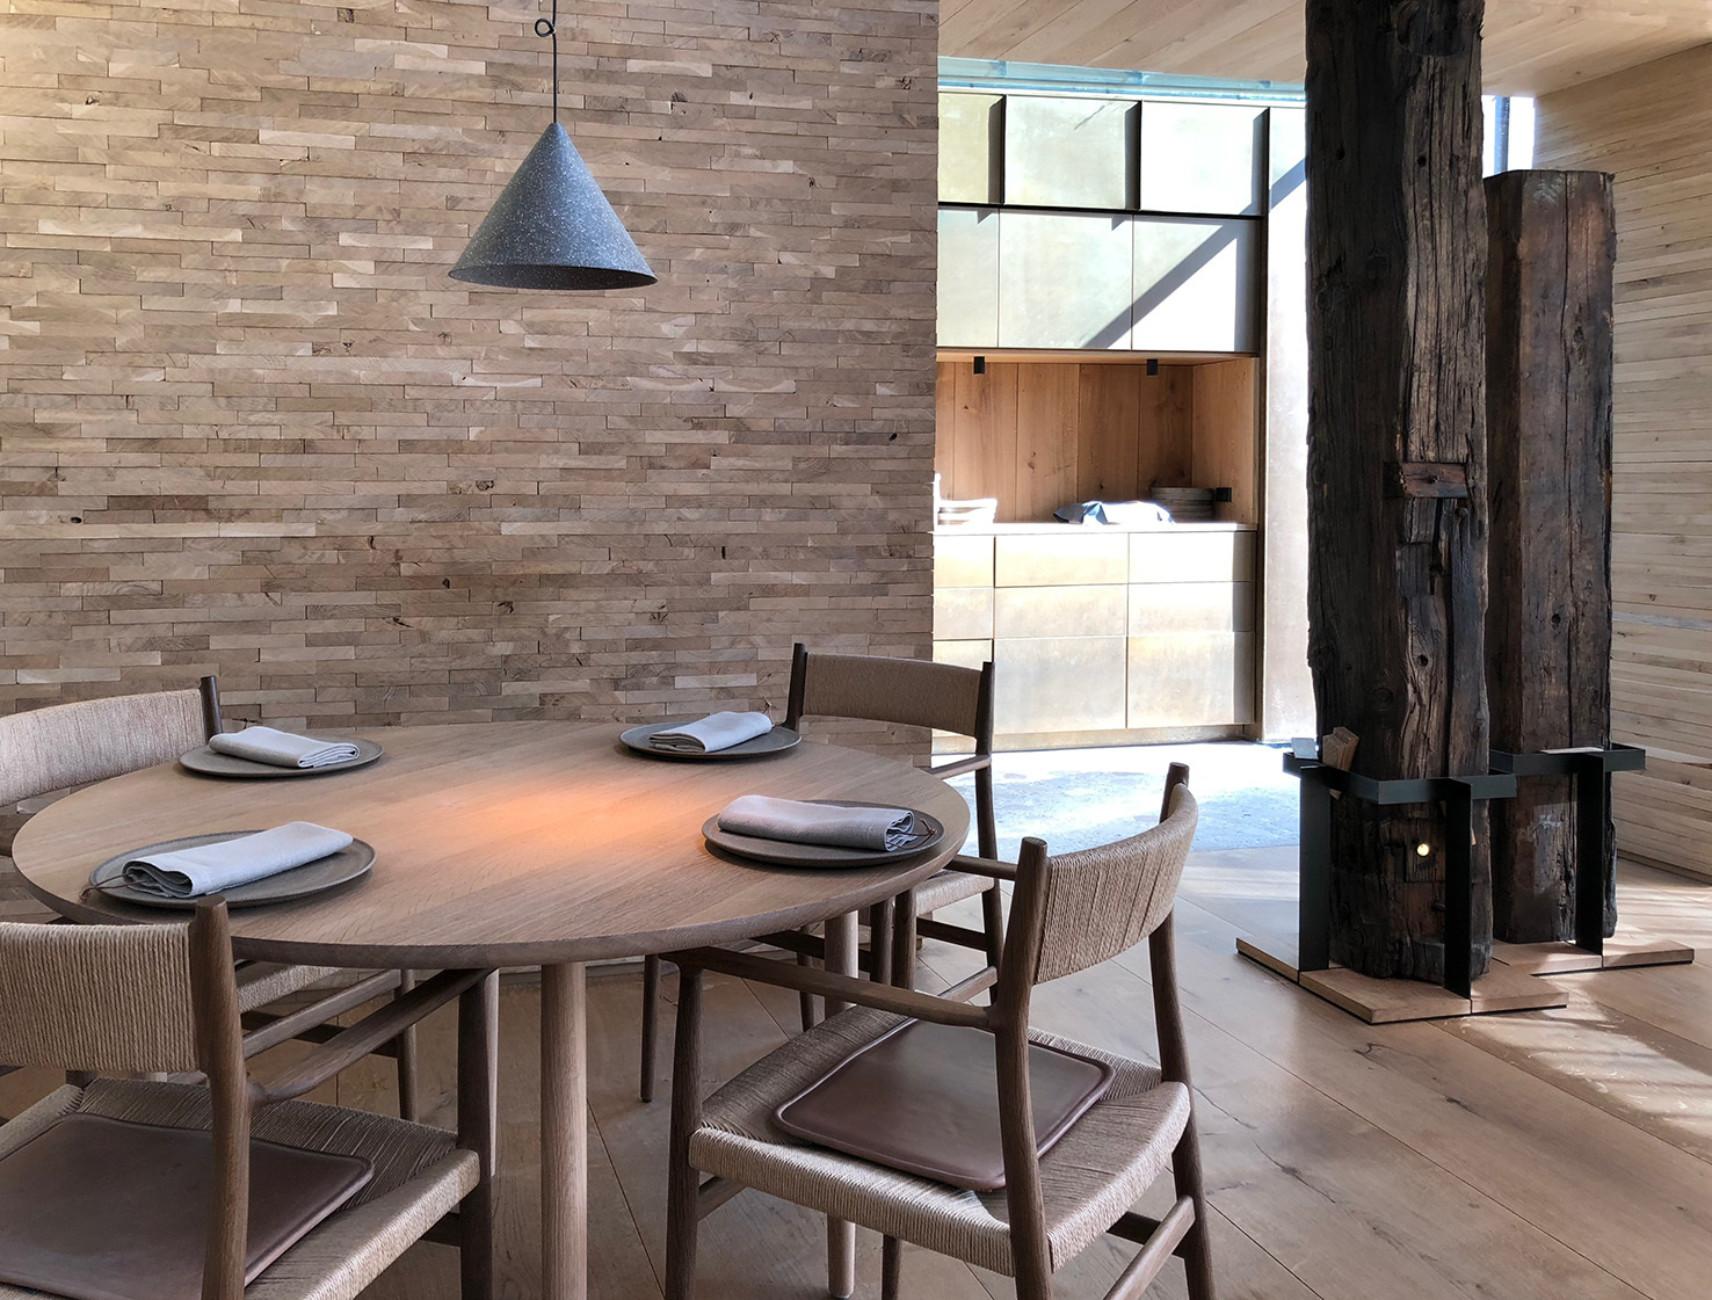 """Maßgefertigt für das """"Noma 2.0"""": Tische und Stühle von Brdr. Krüger"""